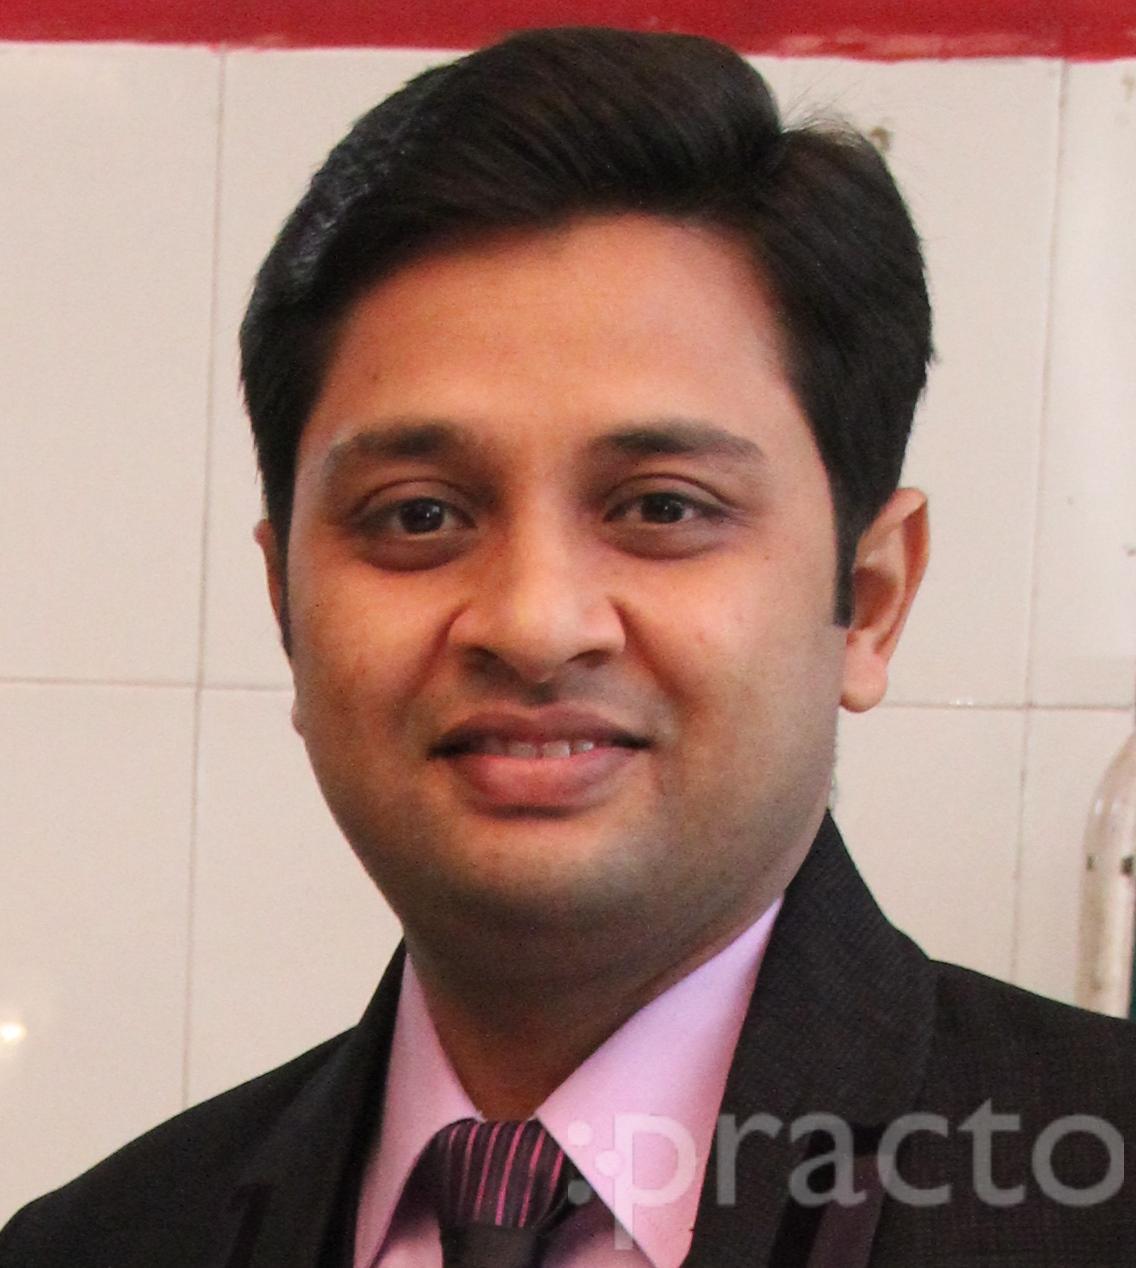 Dr. Gaurav M Gupta - Dentist